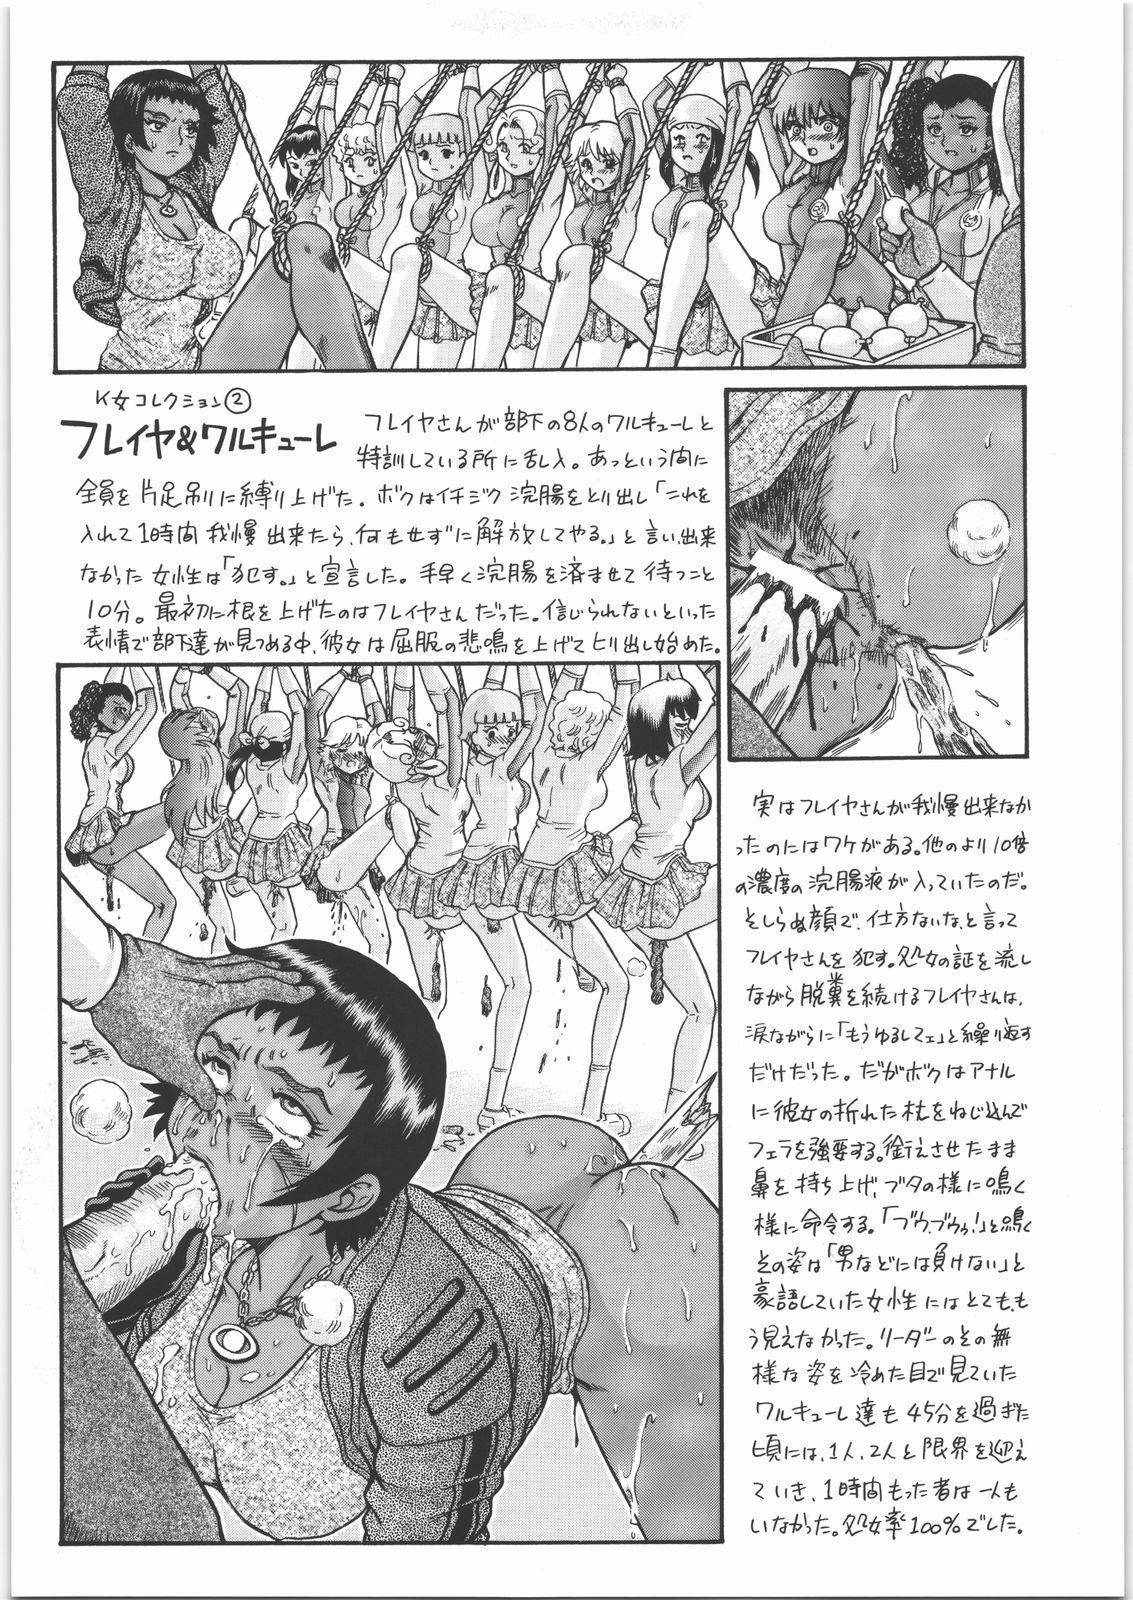 TAIL-MAN MIU FUURINGI BOOK 37